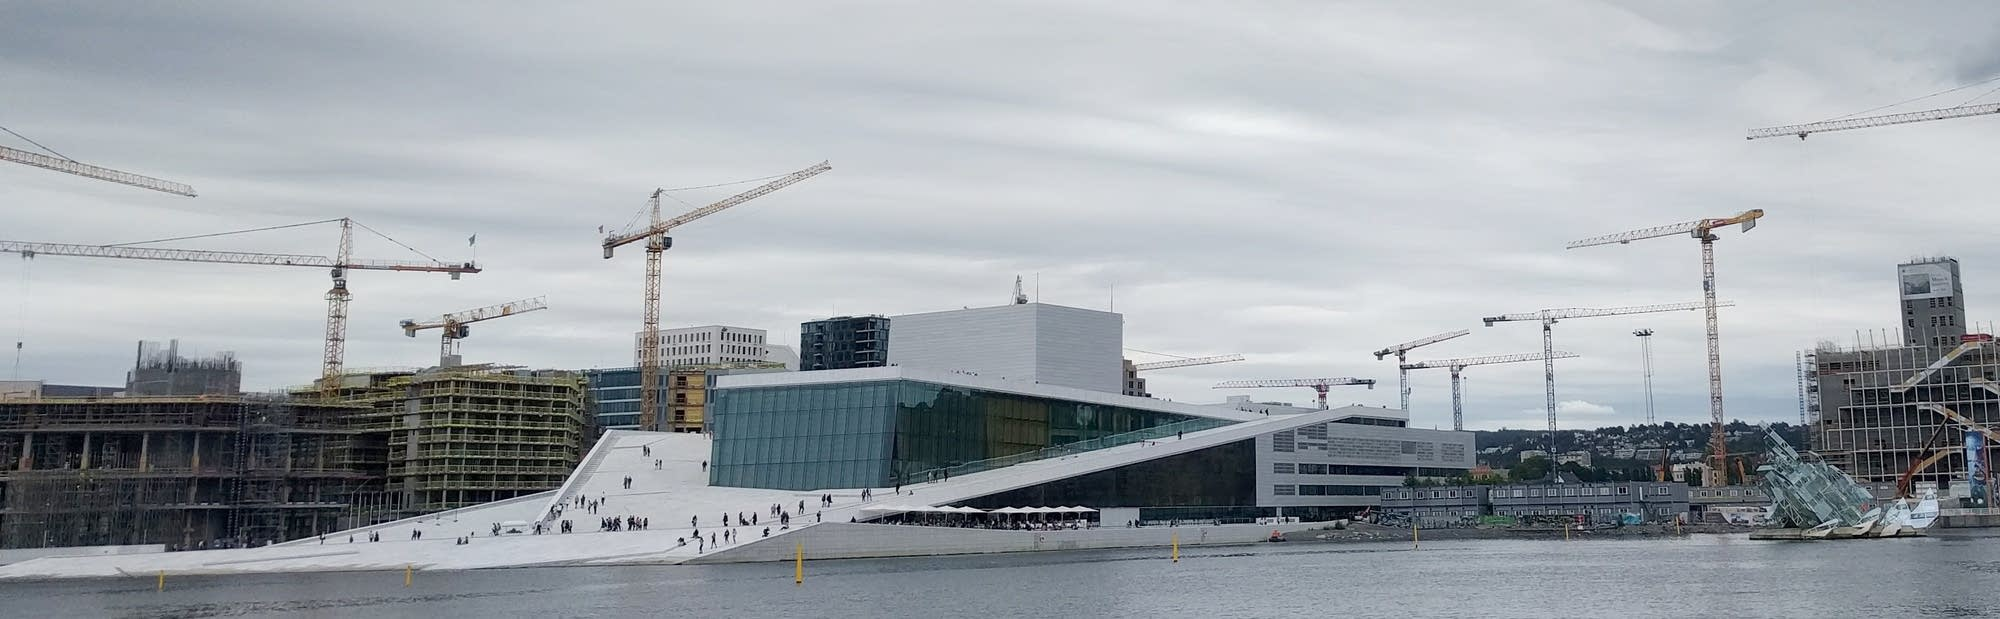 Oslo - 06 - cranes